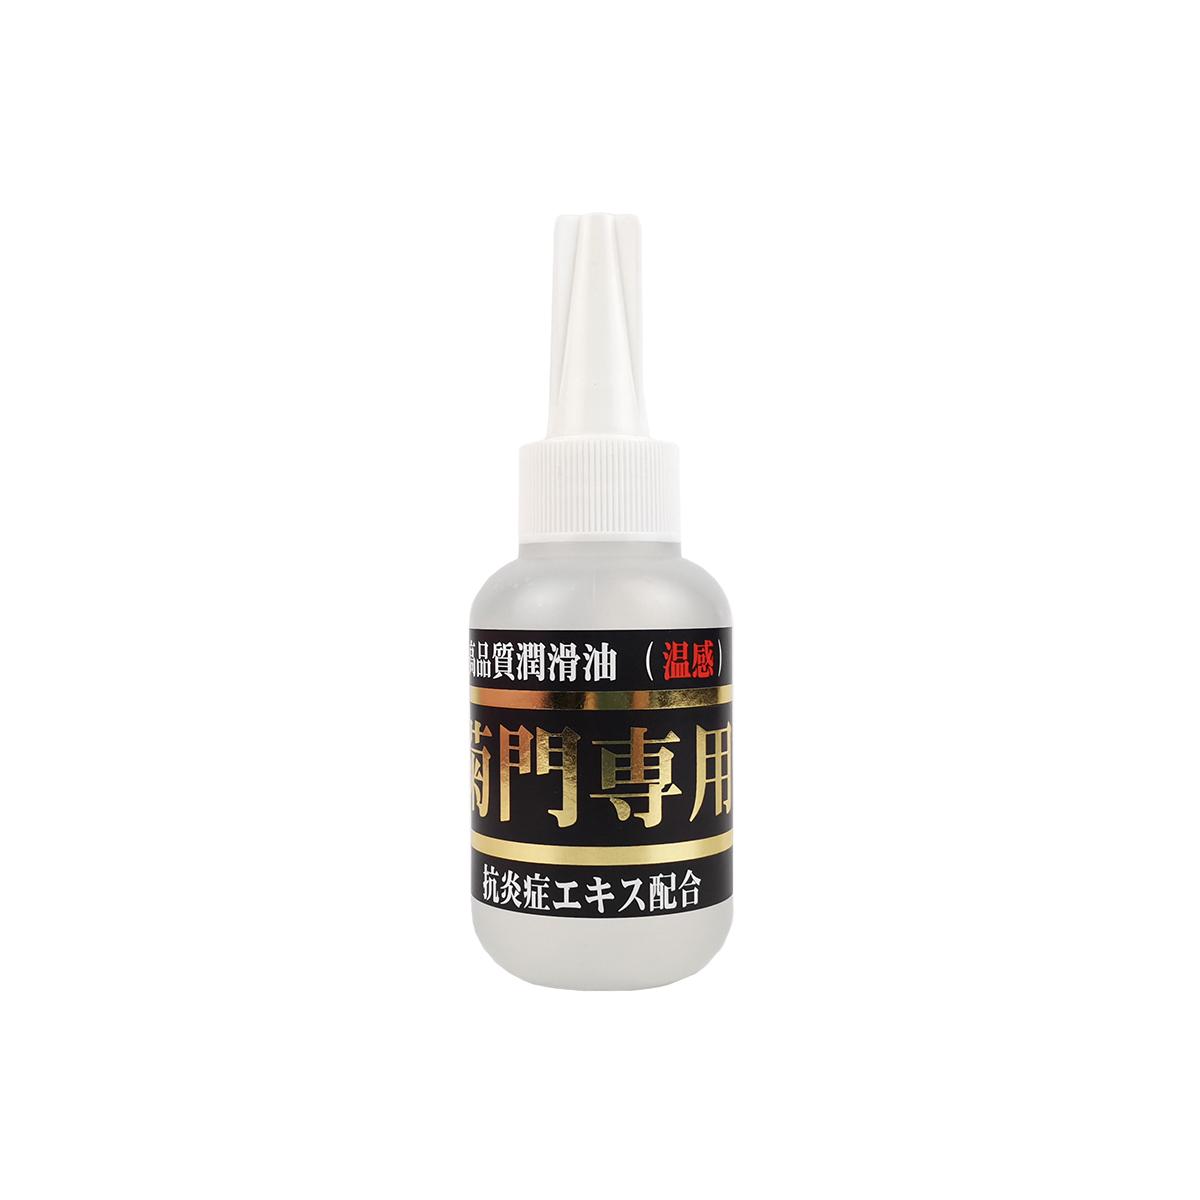 肛交后庭专用温感润滑油